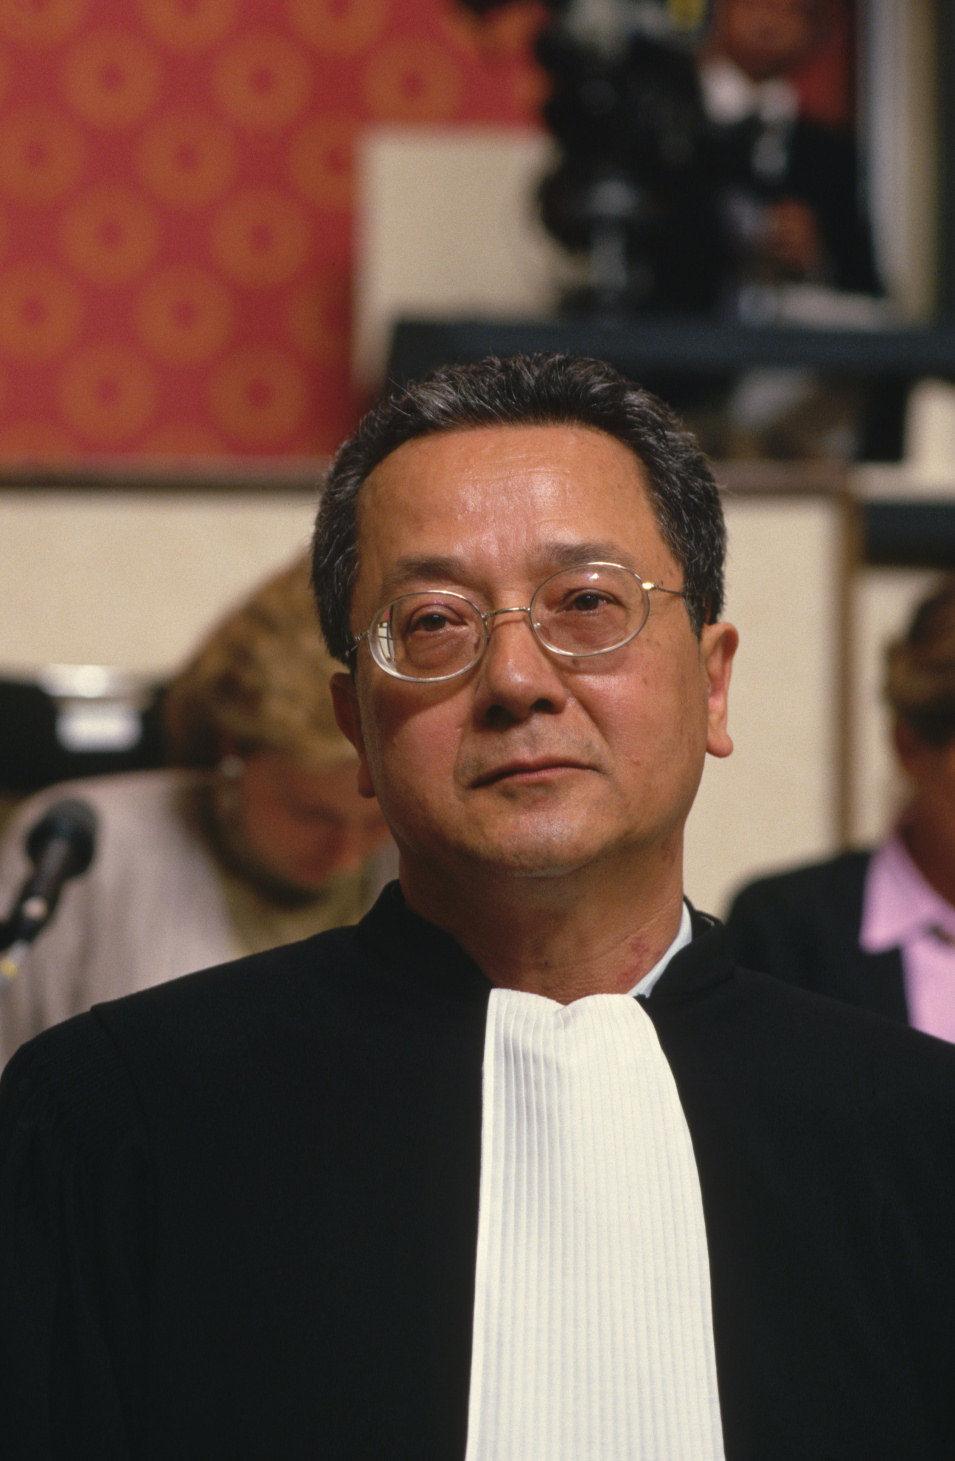 El abogado del terror, fotograma 2 de 5